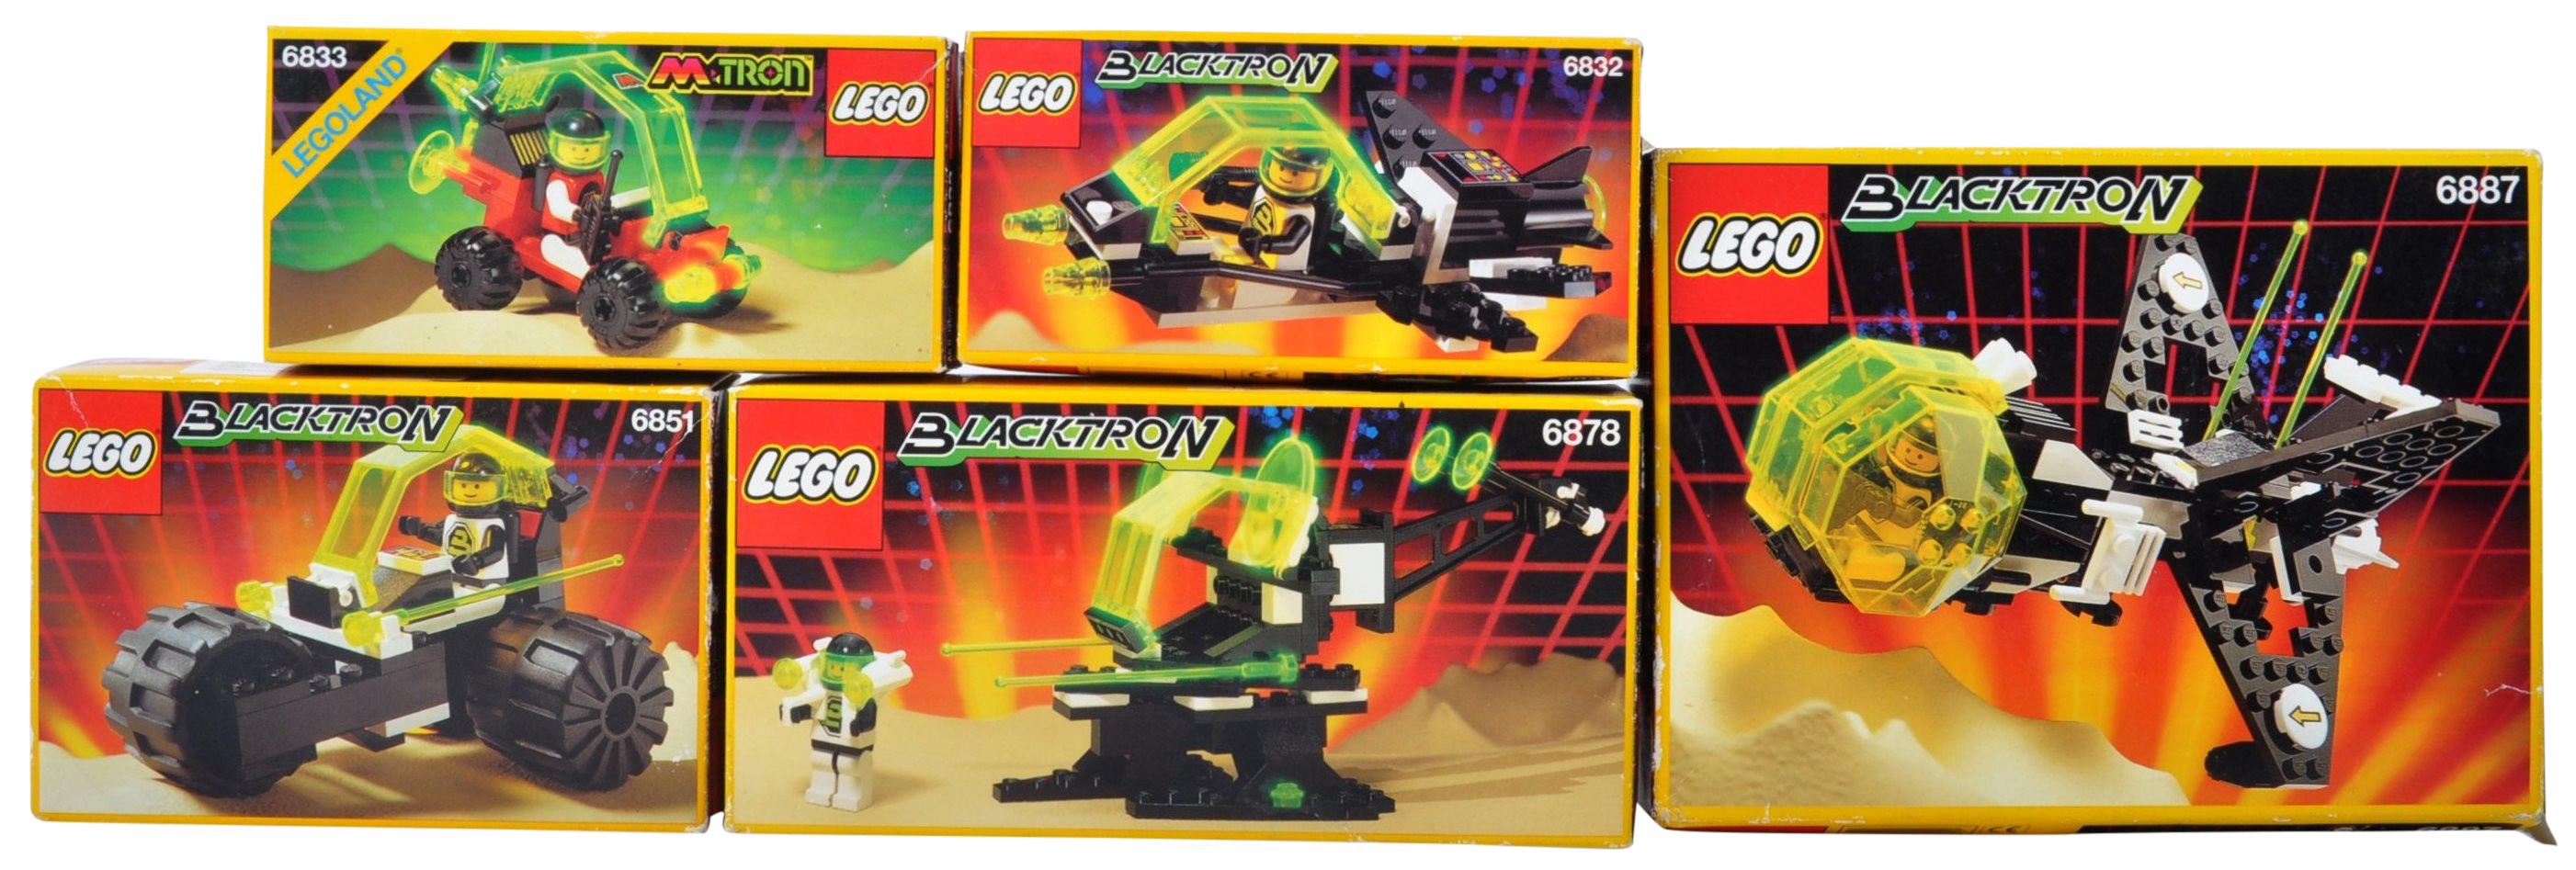 LEGO SETS - BLACKTRON - 6832 / 6833 / 6851 / 6878 / 6887